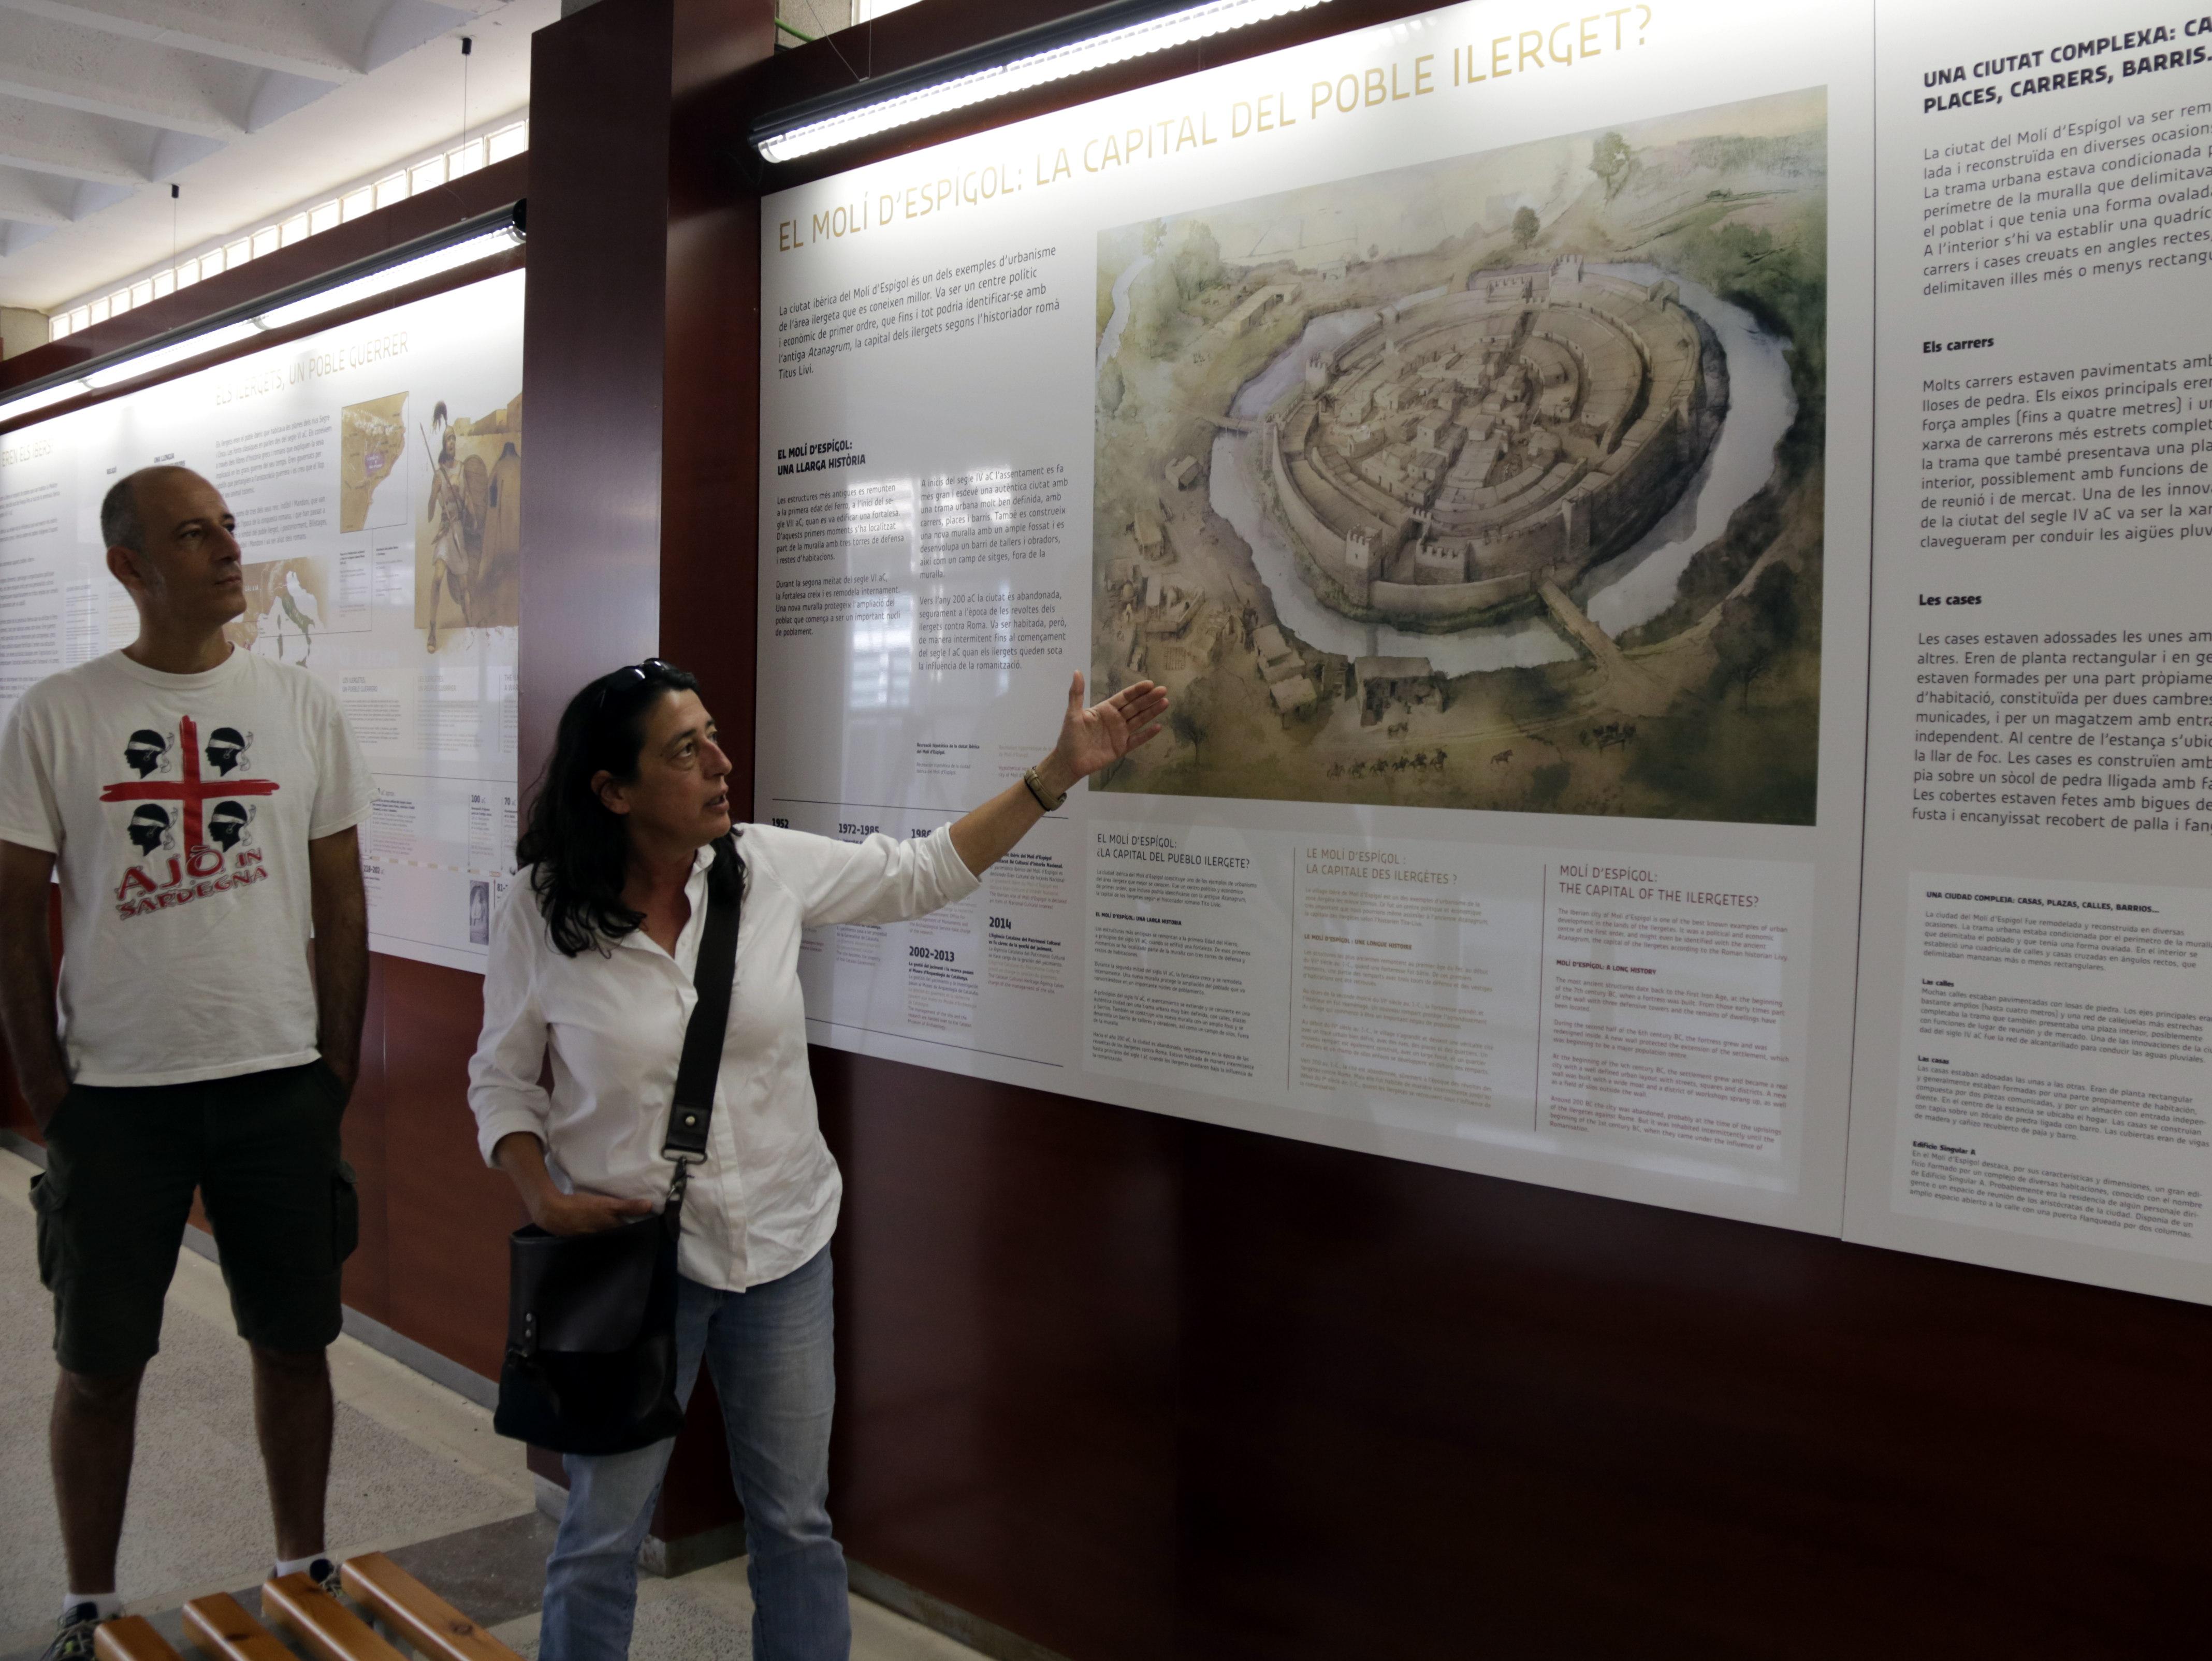 La Generalitat anuncia noves excavacions arqueològiques al Molí d'Espígol de Tornabous